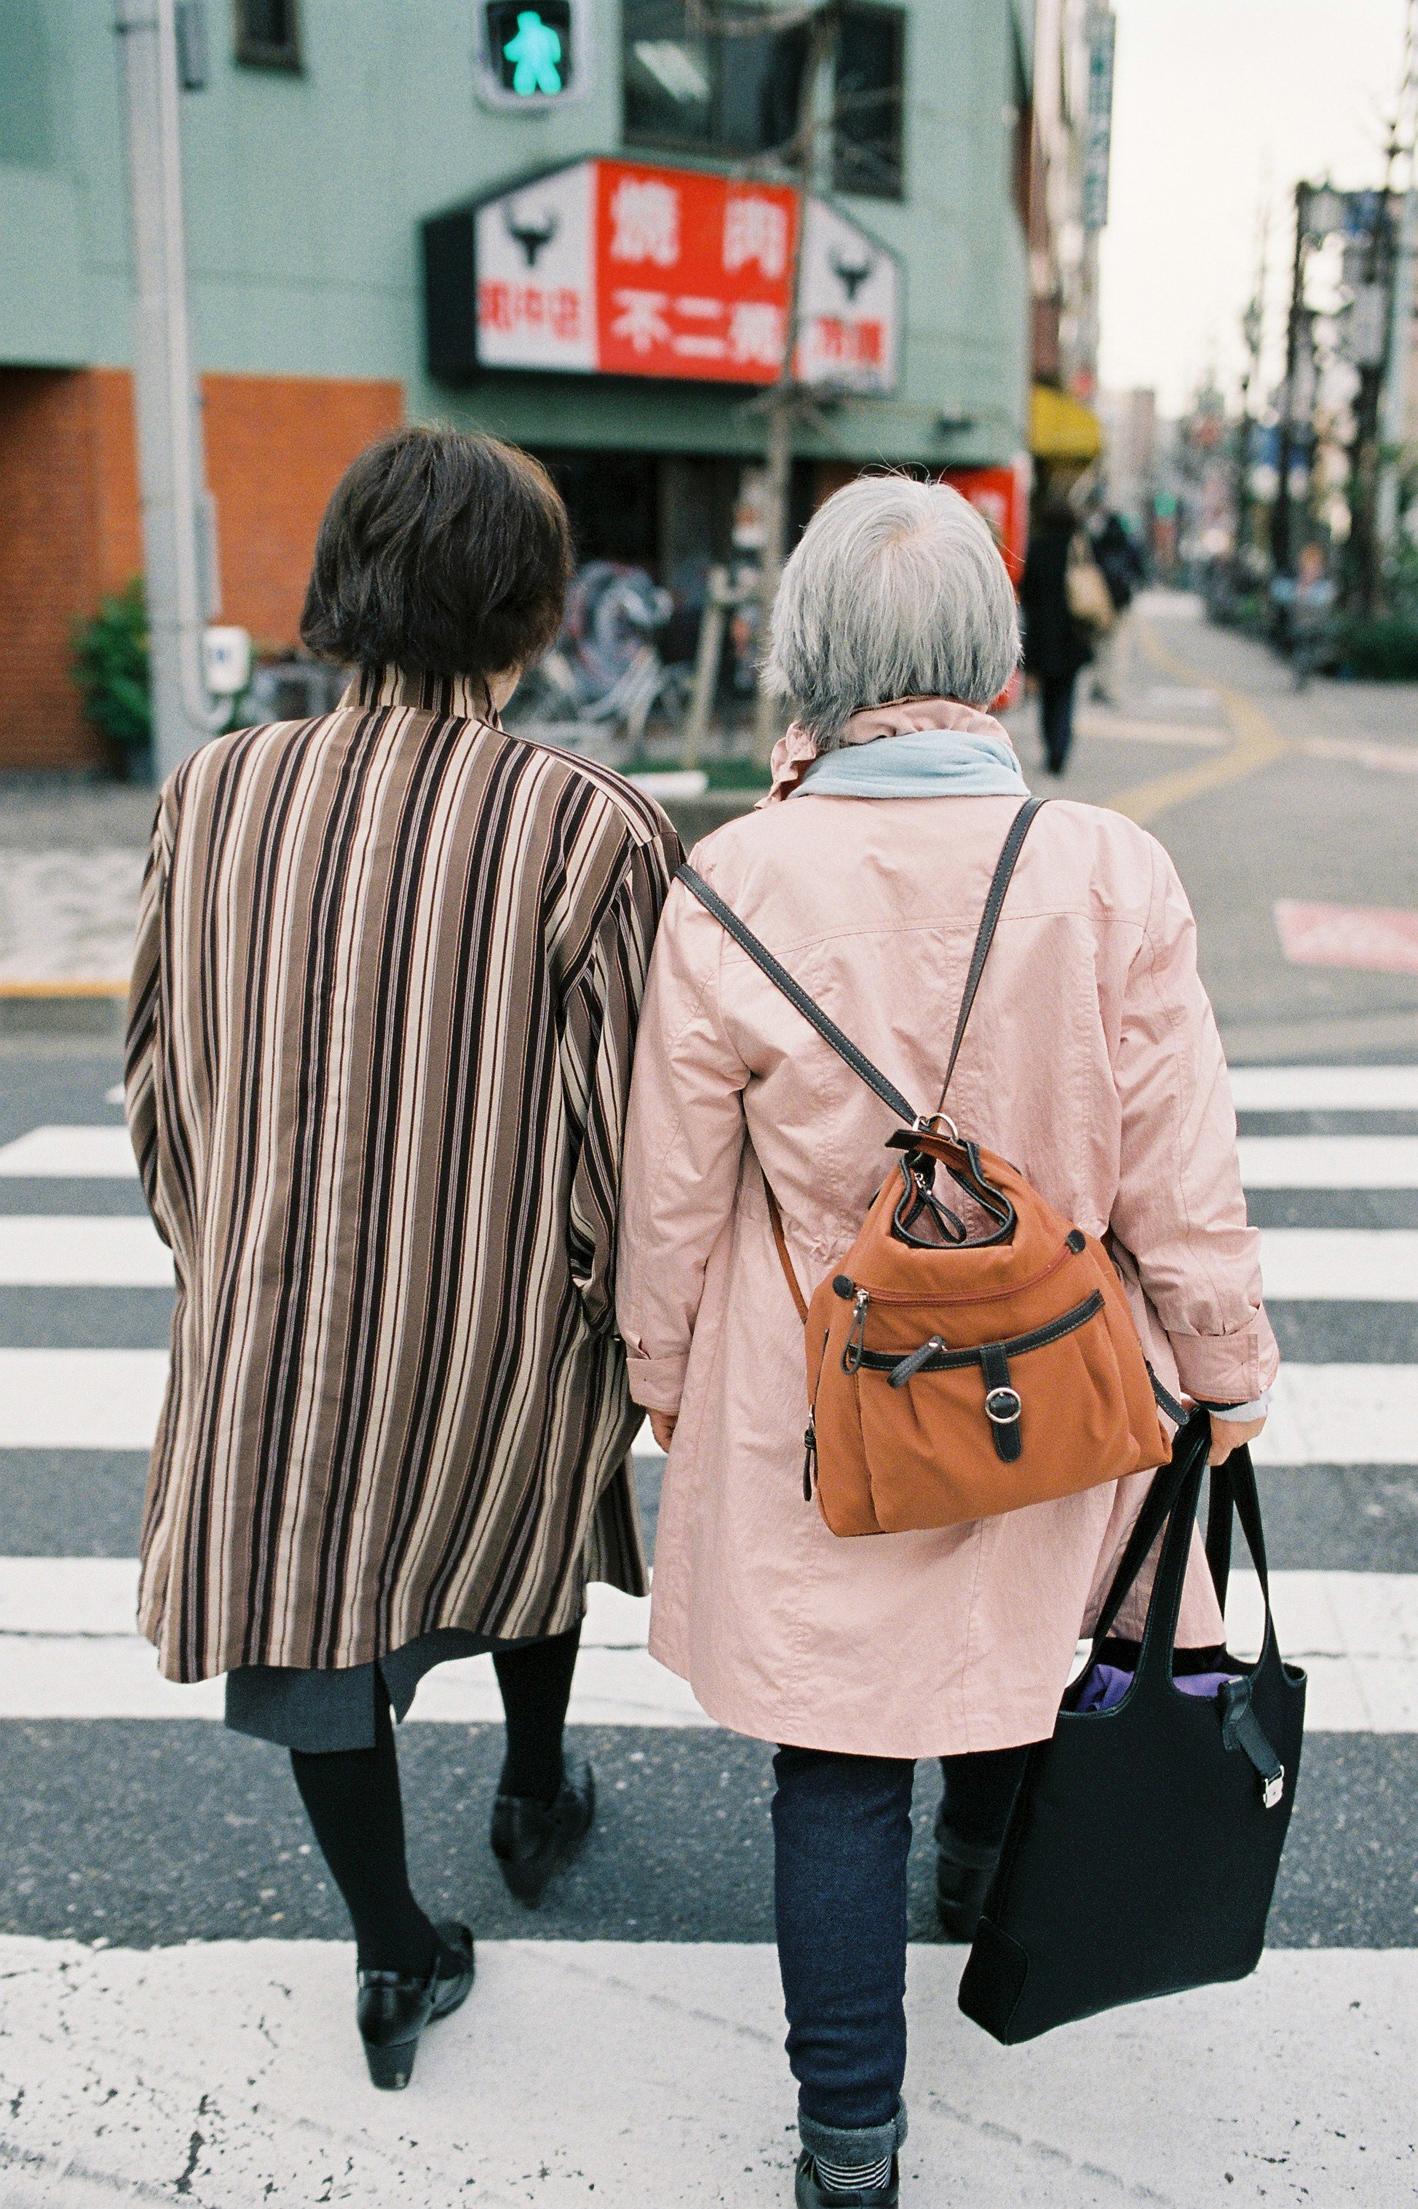 046-tokyo-japan-sophie-baker-photography